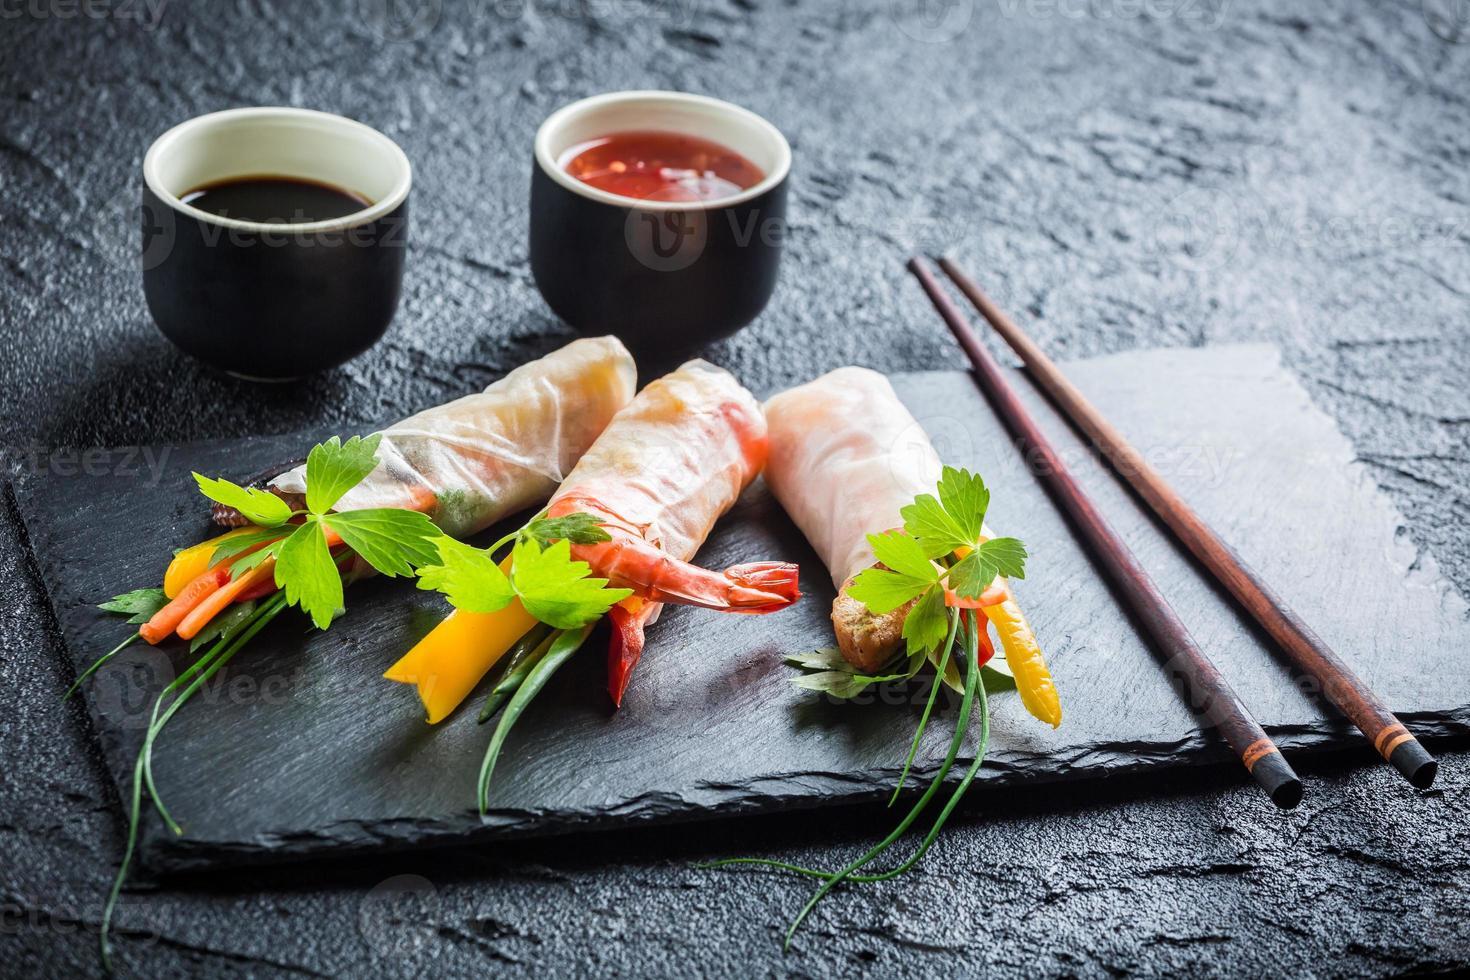 vårrullar med grönsaker serverade med sojasås foto